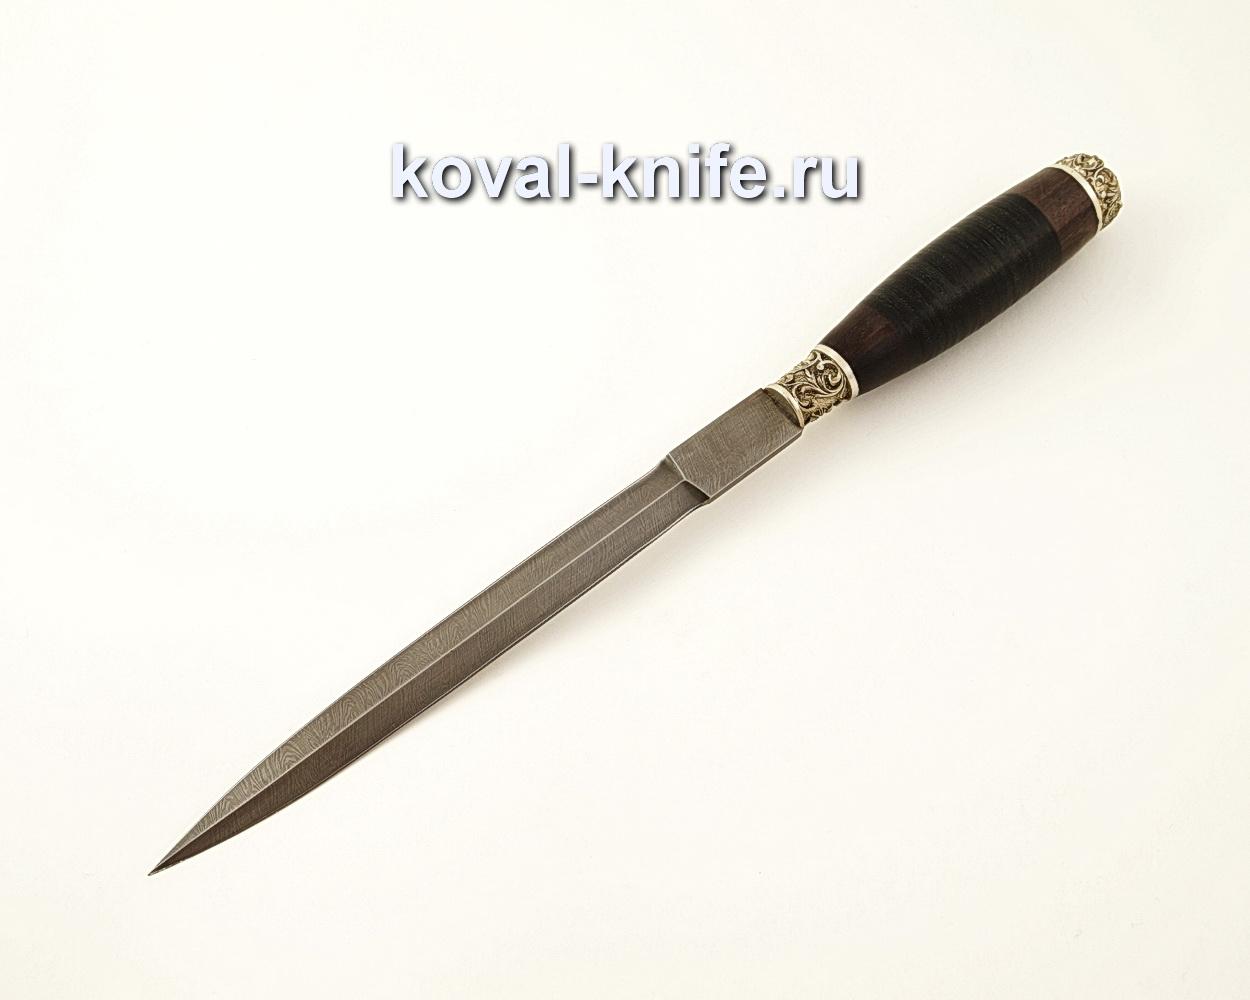 Нож Стилет из дамасской стали (рукоять кожа, литье мельхиор) A588